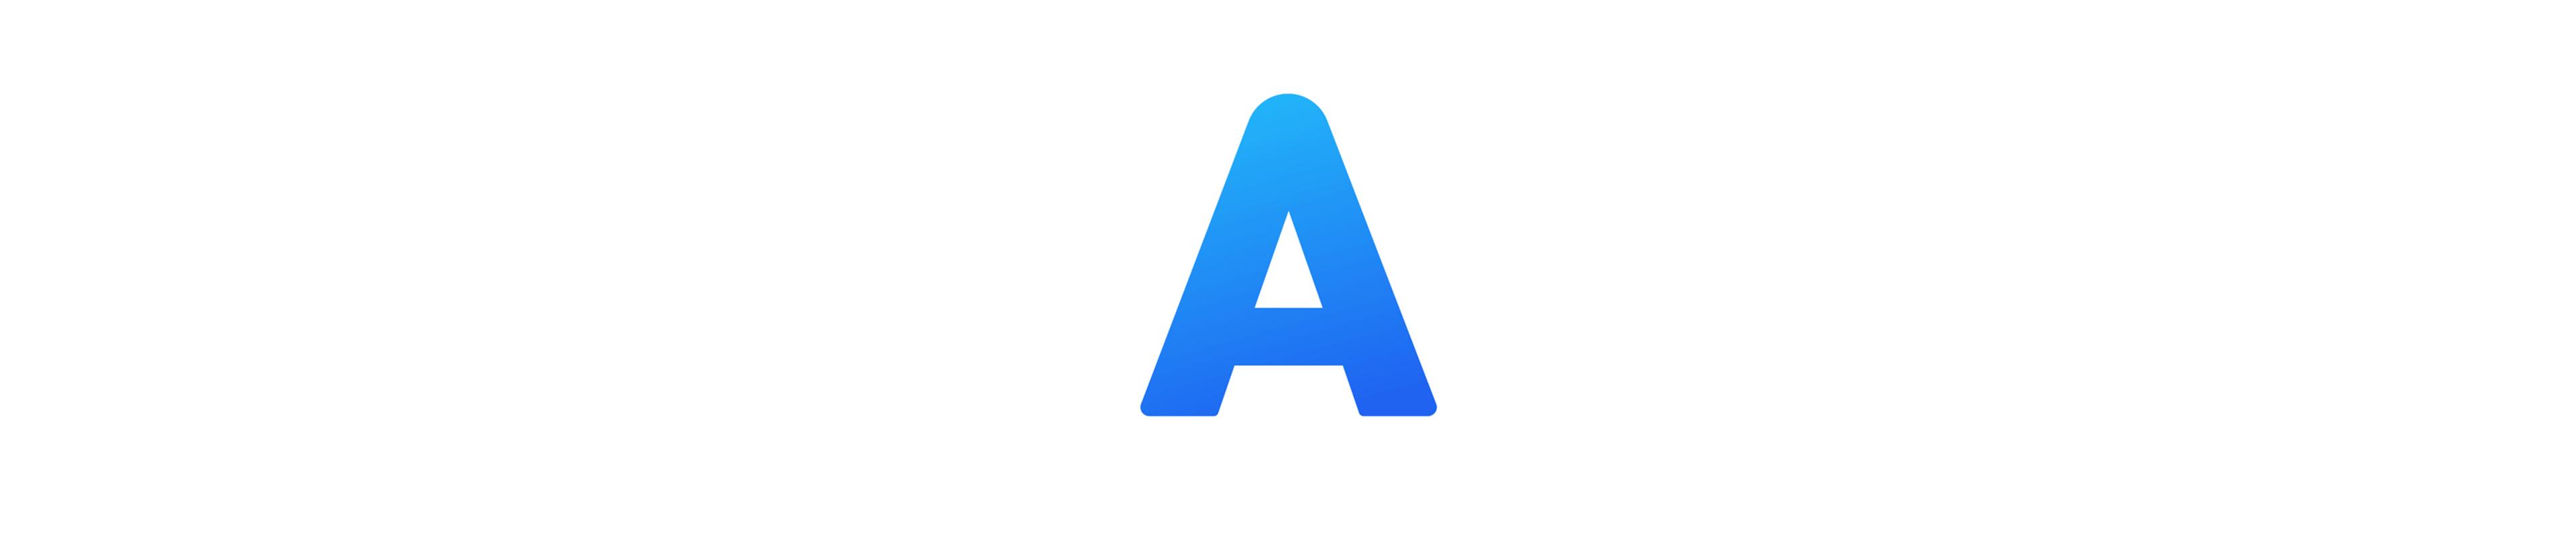 [已购]Alook浏览器 – 2倍速-草蜢资源